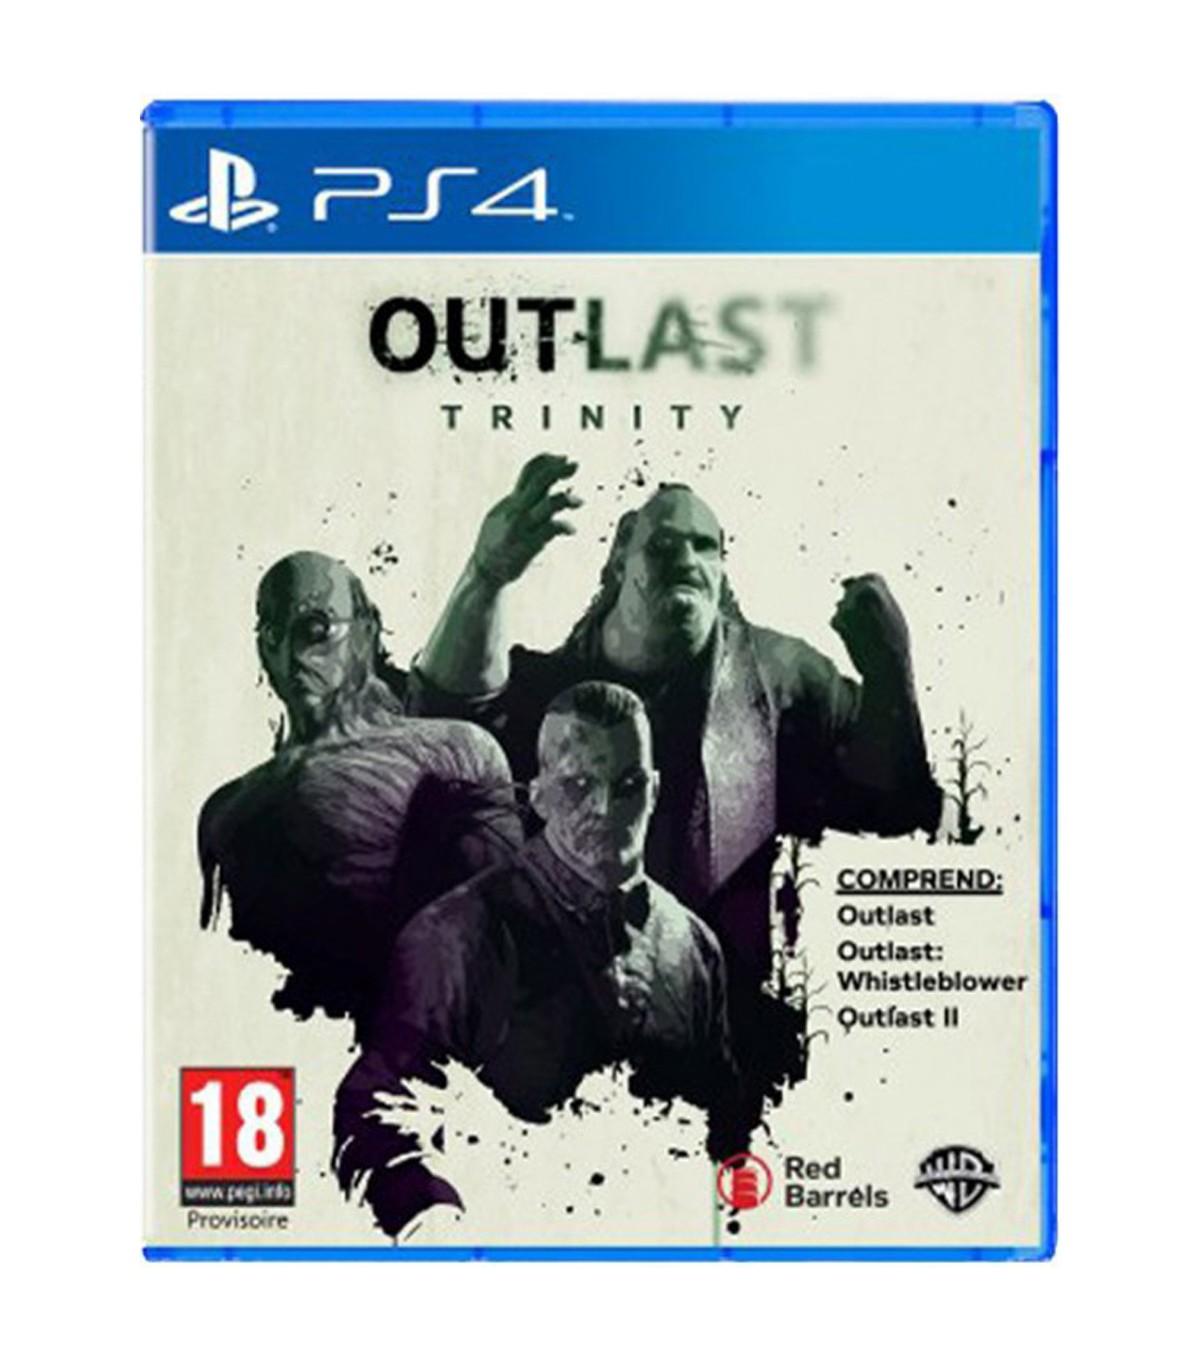 بازی Outlast Trinity کارکرده - پلی استیشن 4